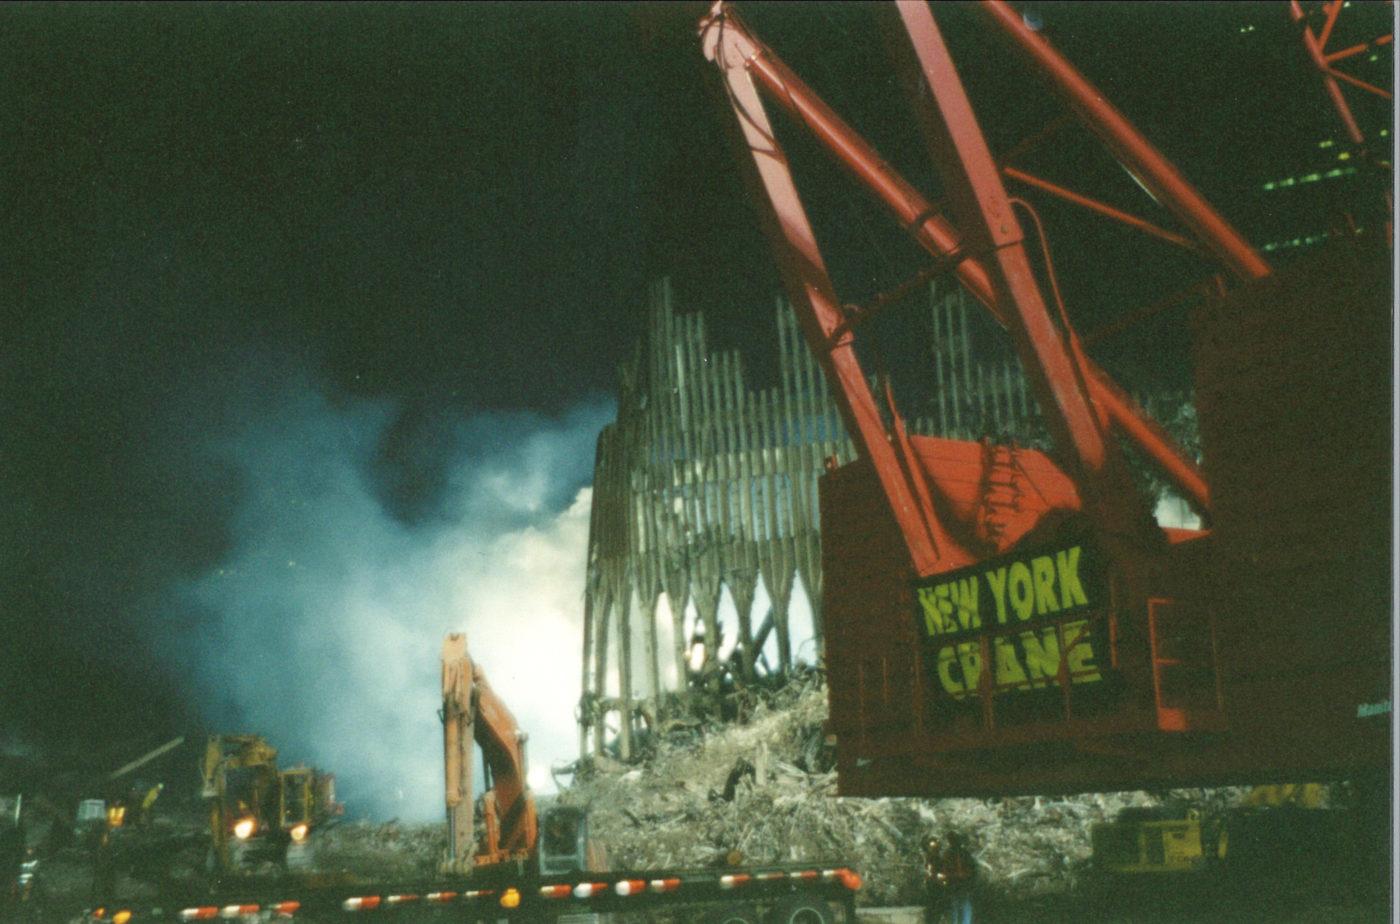 New York Crane working at ground zero late at night